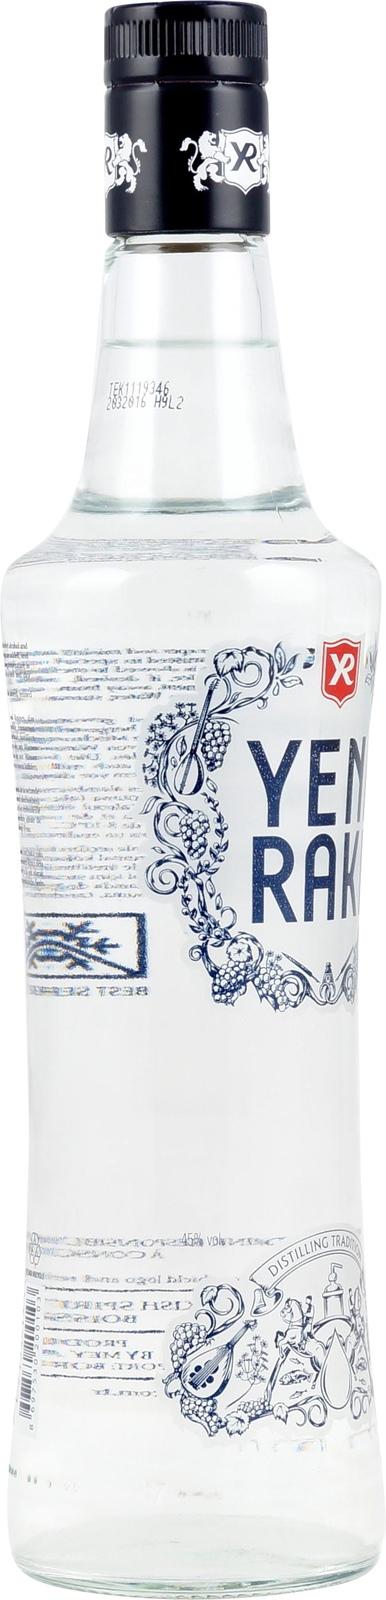 Yeni Raki aus der Türkei günstig kaufen